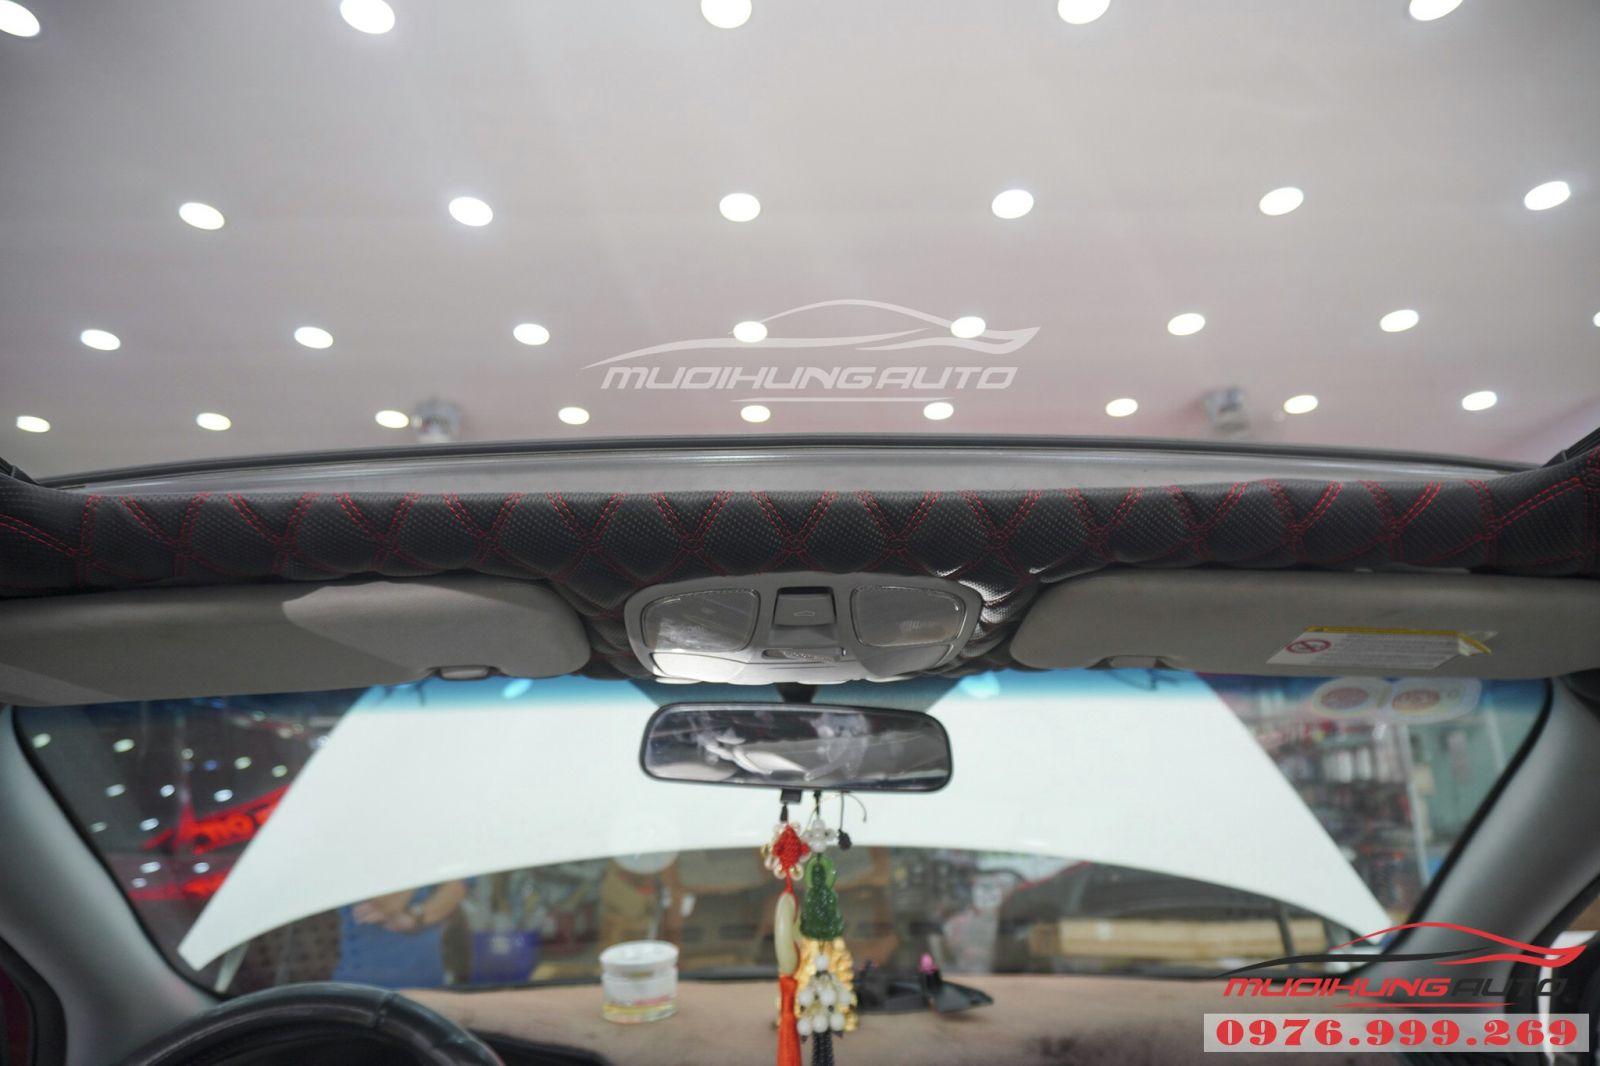 Bọc trần 5D cho Hyundai Sonata cao cấp 07